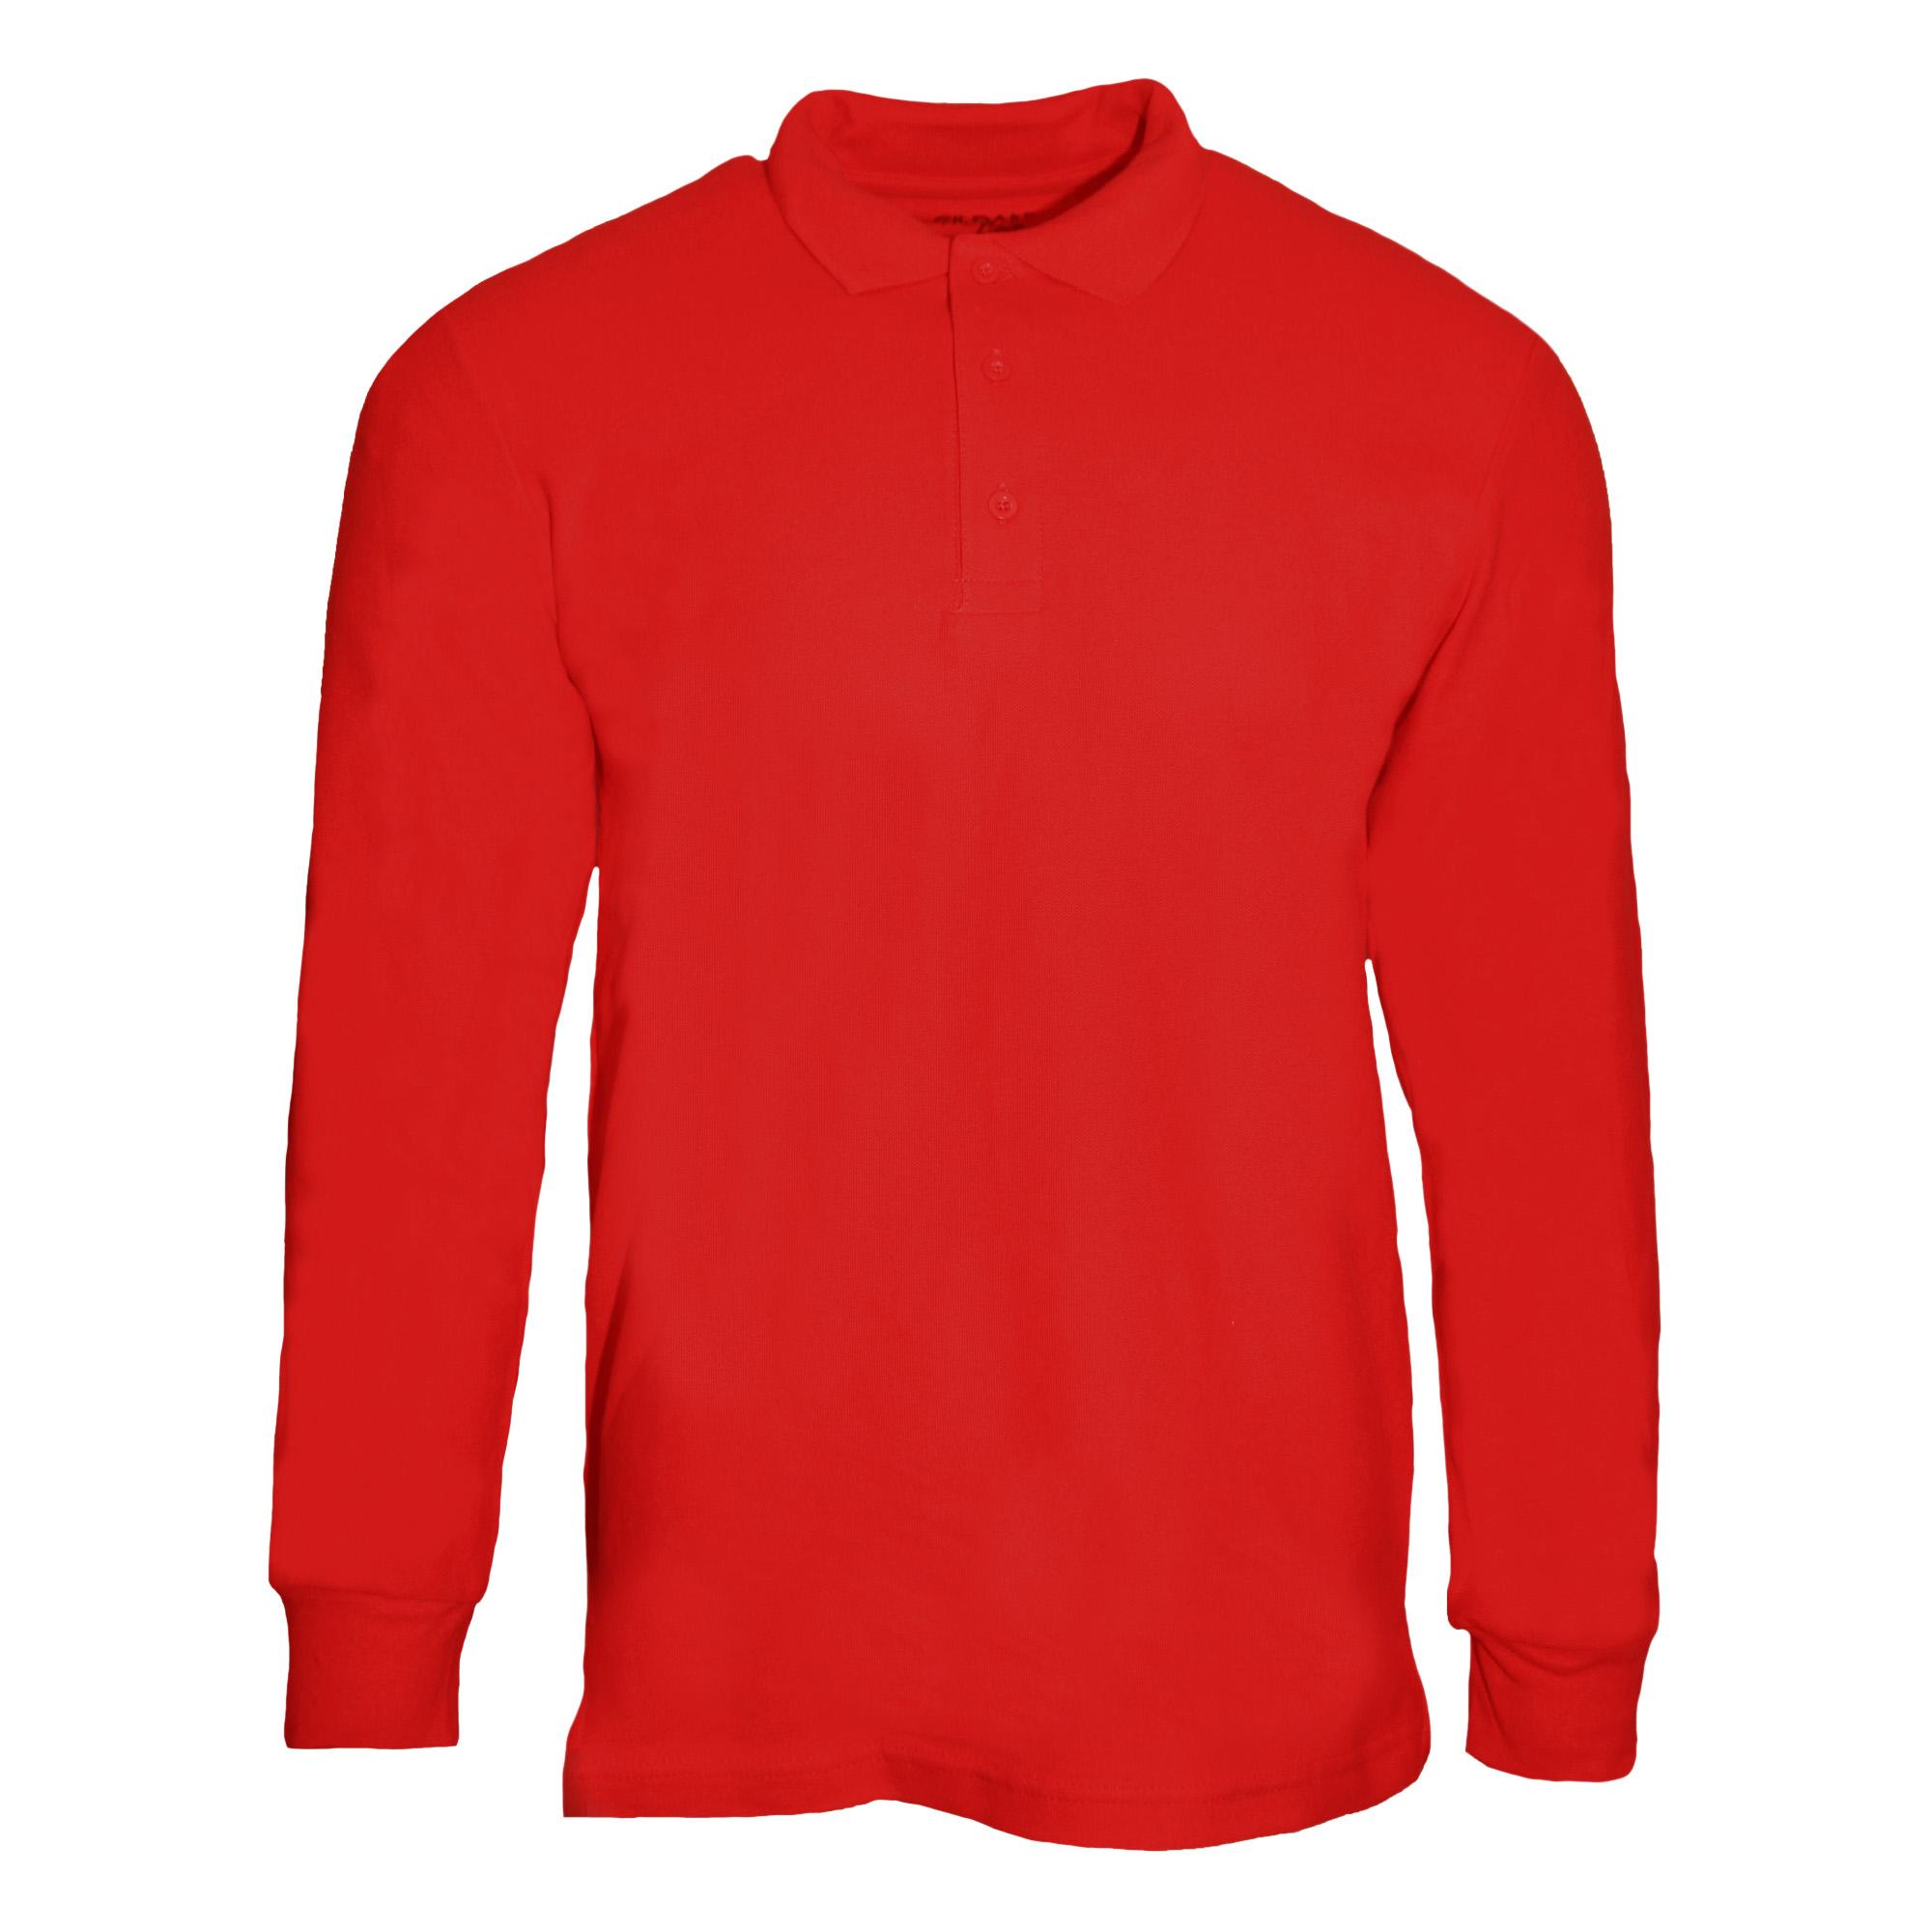 Gildan Mens Long Sleeve Premium Cotton Double Pique Polo Shirt | eBay